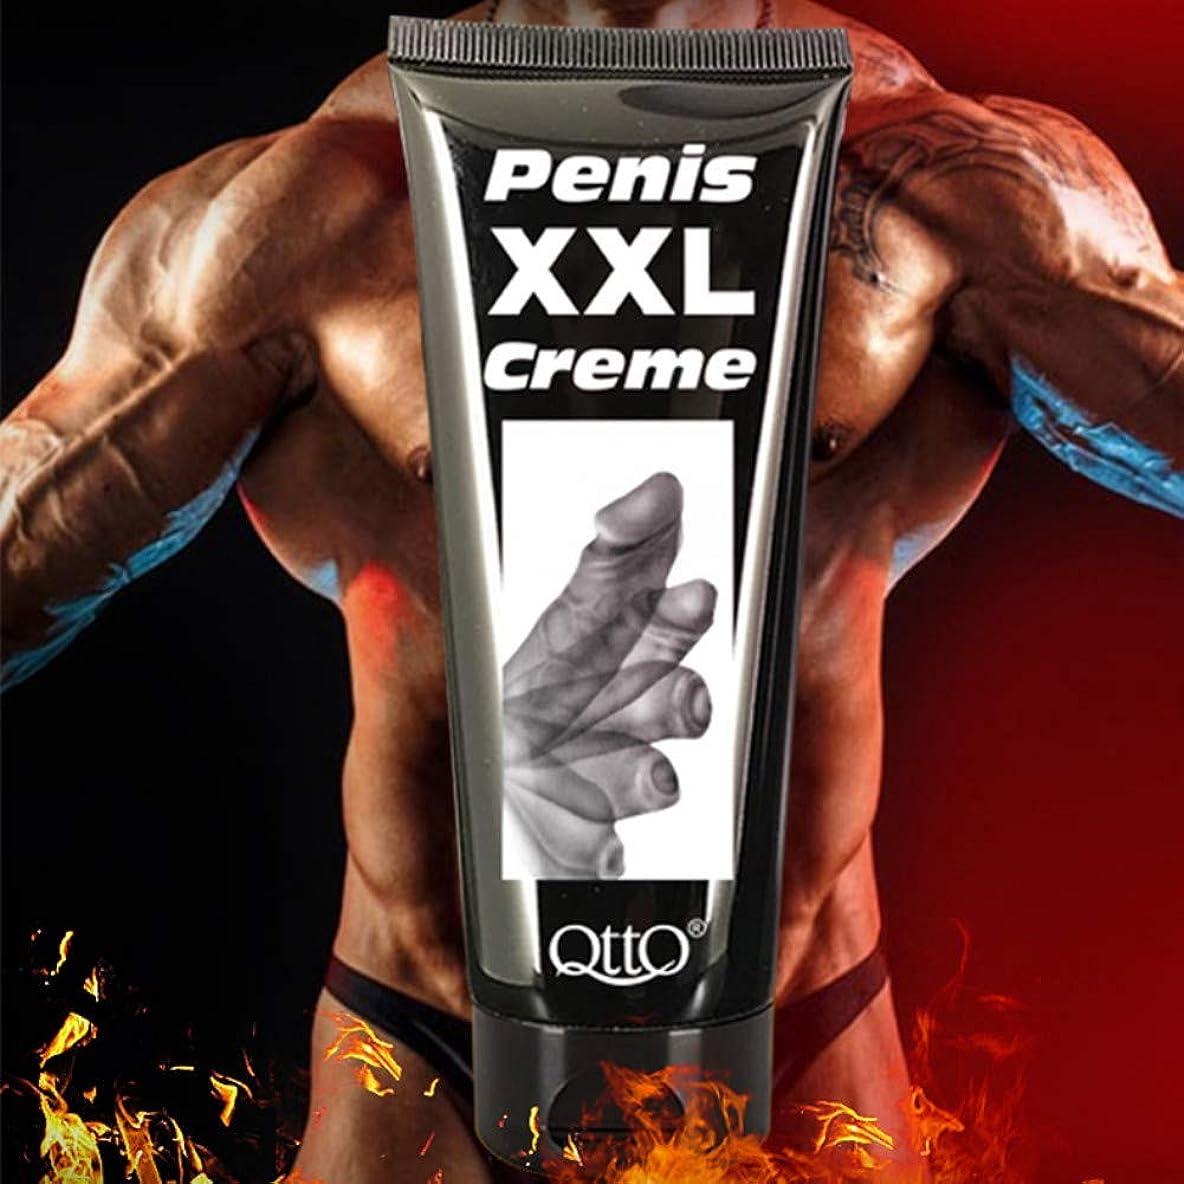 ブレンド倫理放棄されたBalai 男性用 ペニス拡大 クリームビッグディック 濃厚化成長強化パフォーマンス セックス製品